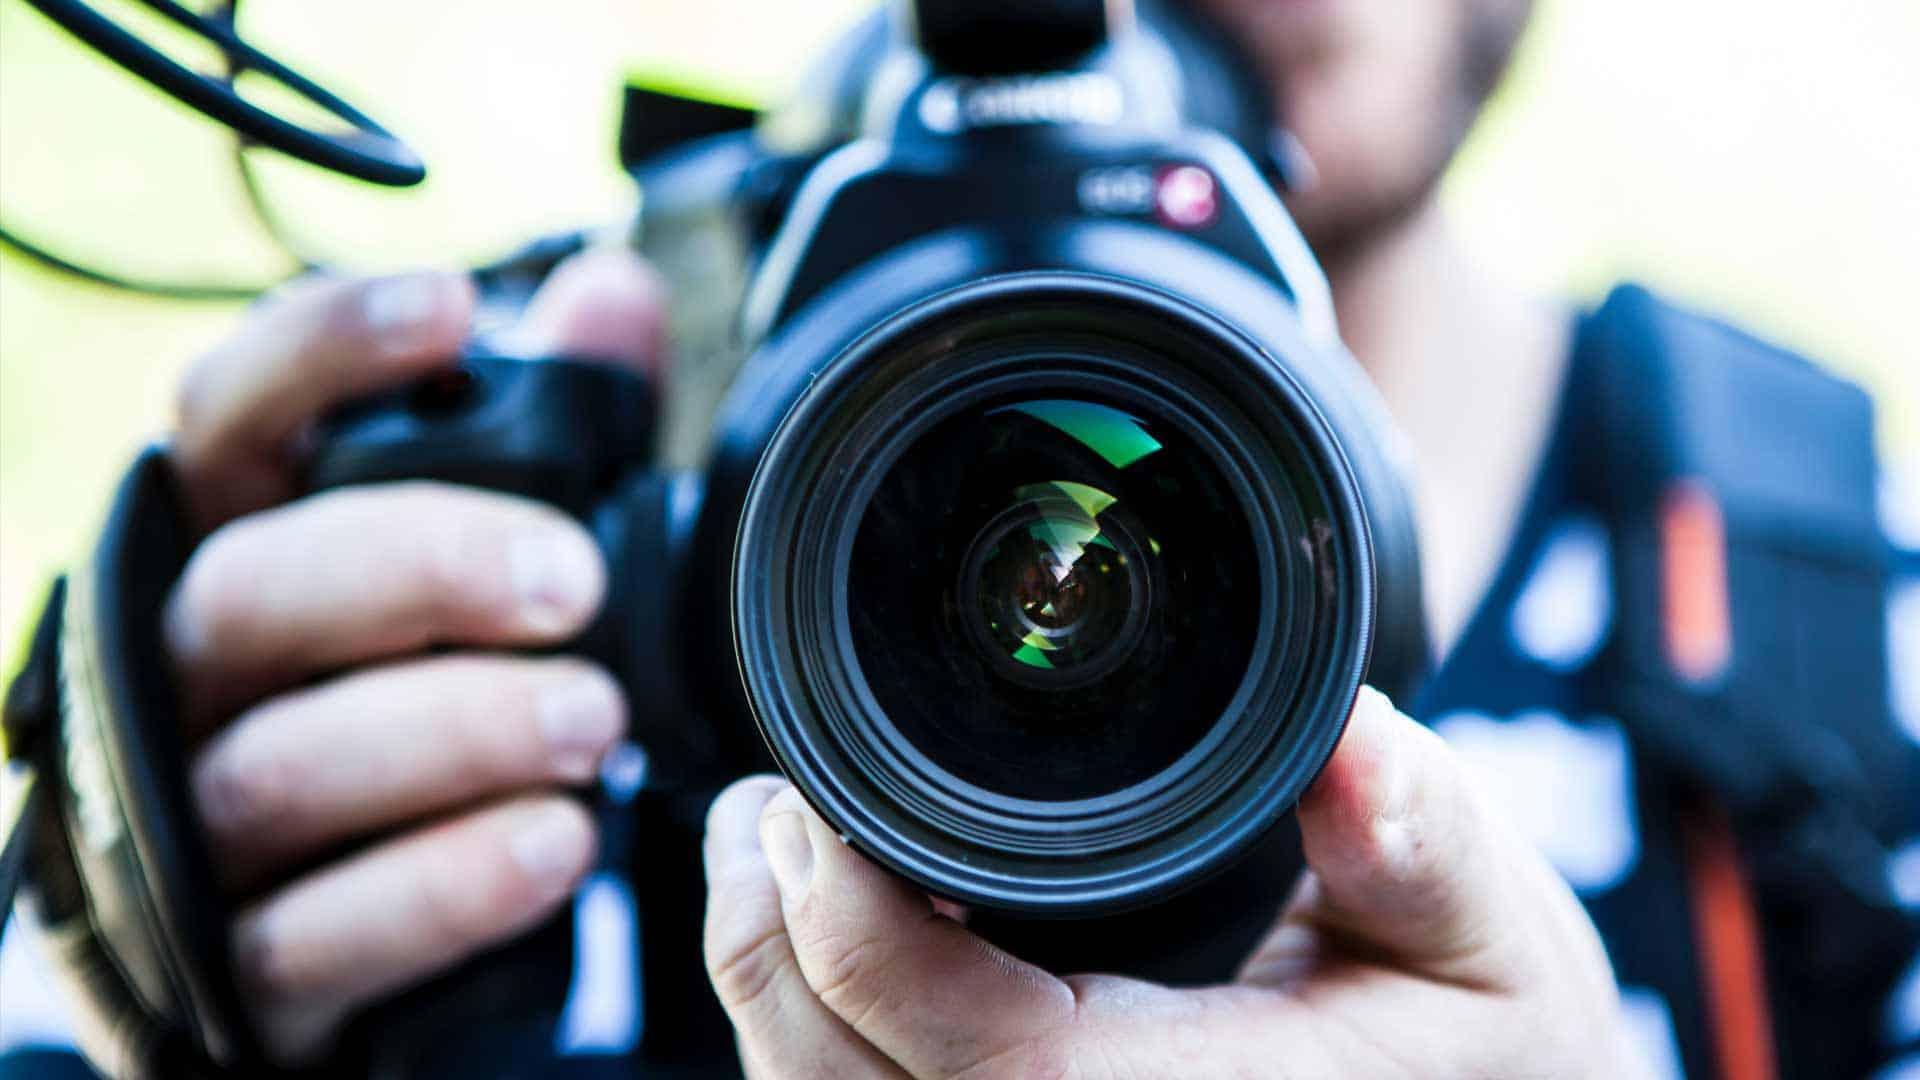 still looking into camera lens